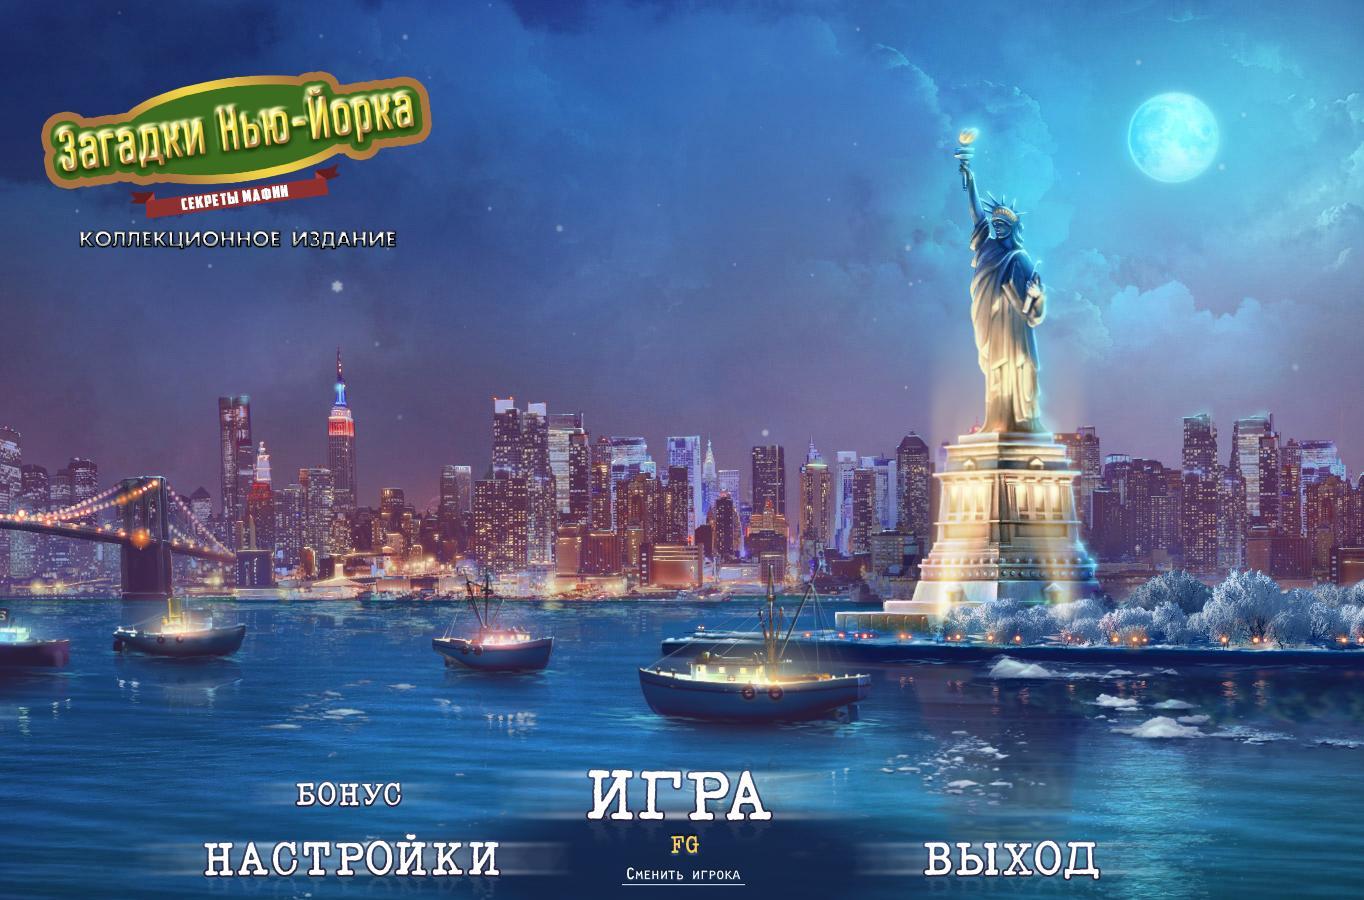 Загадки Нью-Йорка: Секреты мафии. Коллекционное издание | New York Mysteries: Secrets of the Mafia CE (Rus)